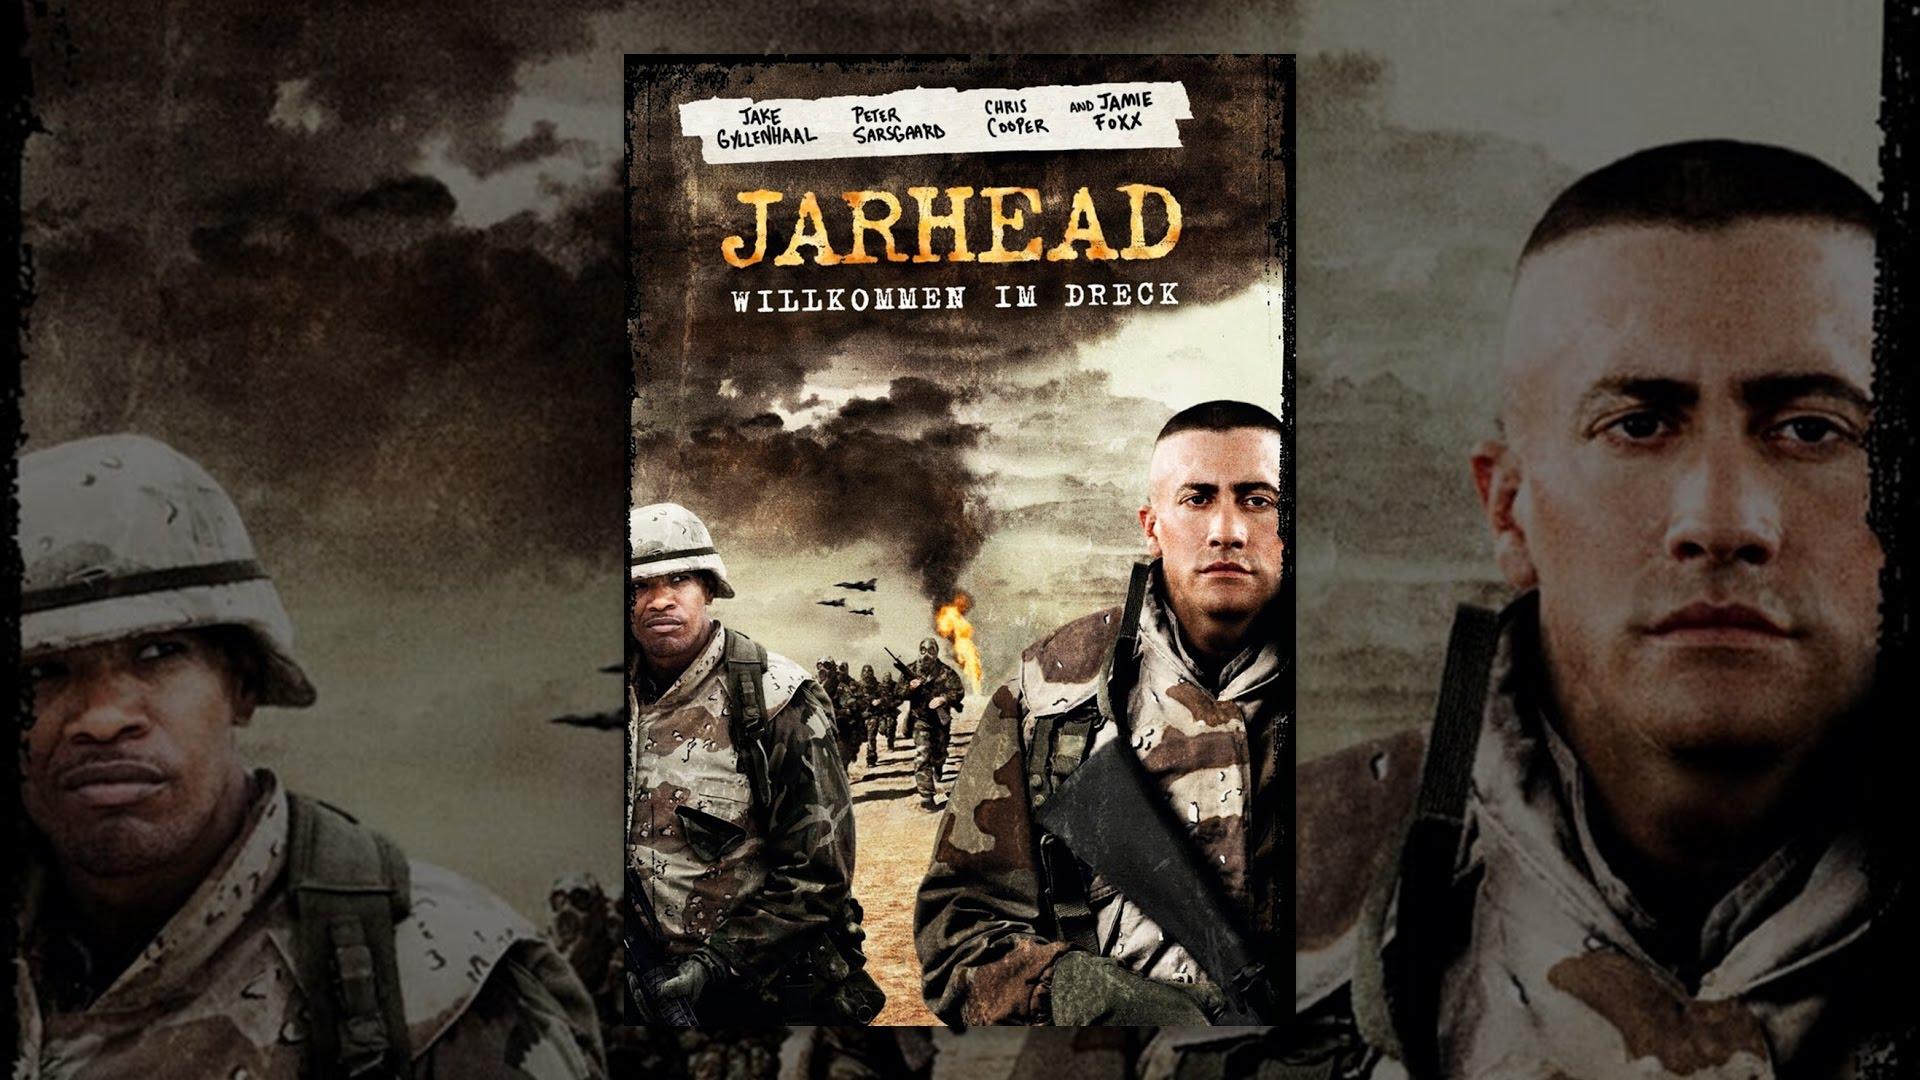 jarhead – willkommen im dreck